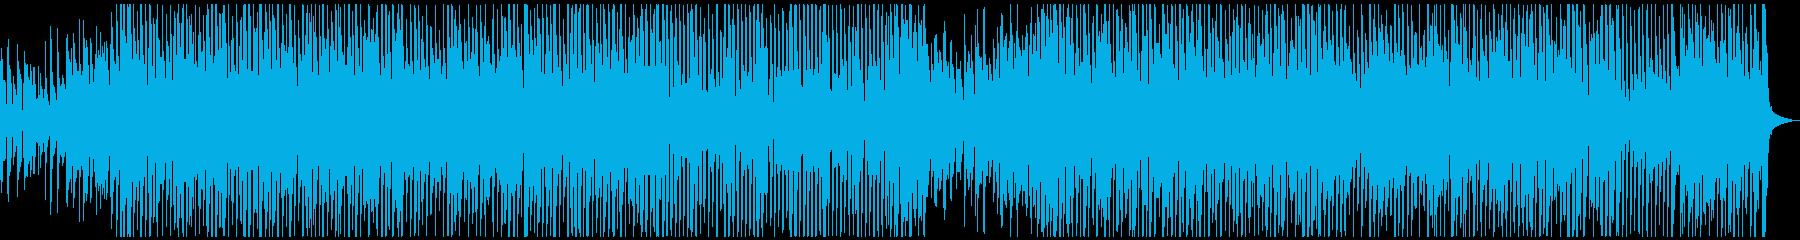 わくわくミニミニ大発見の再生済みの波形